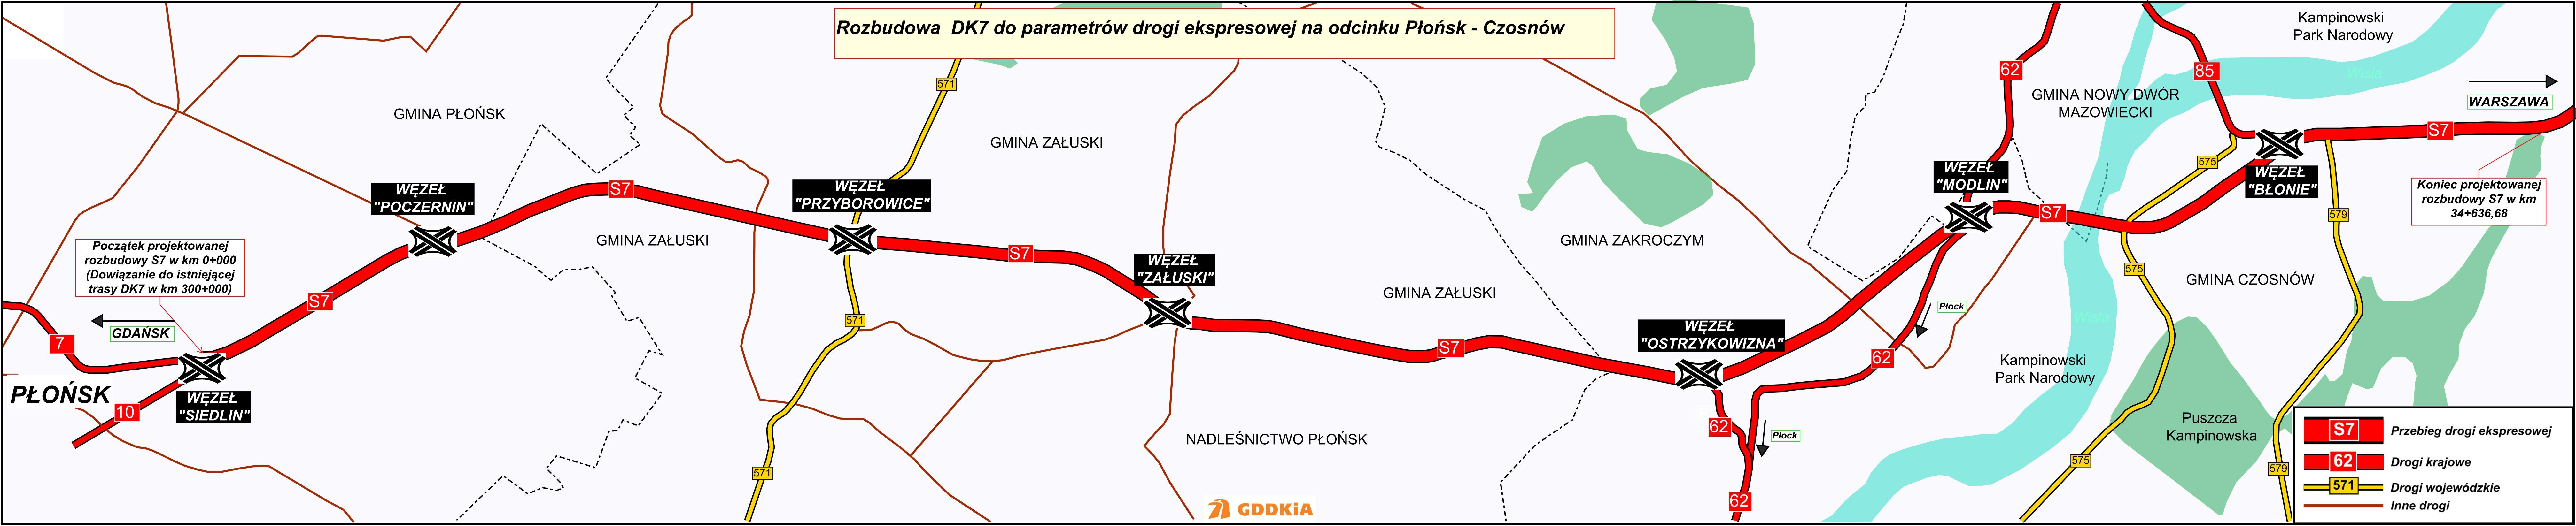 S7 Płońsk - Czosnów S7. fot. GDDKiA